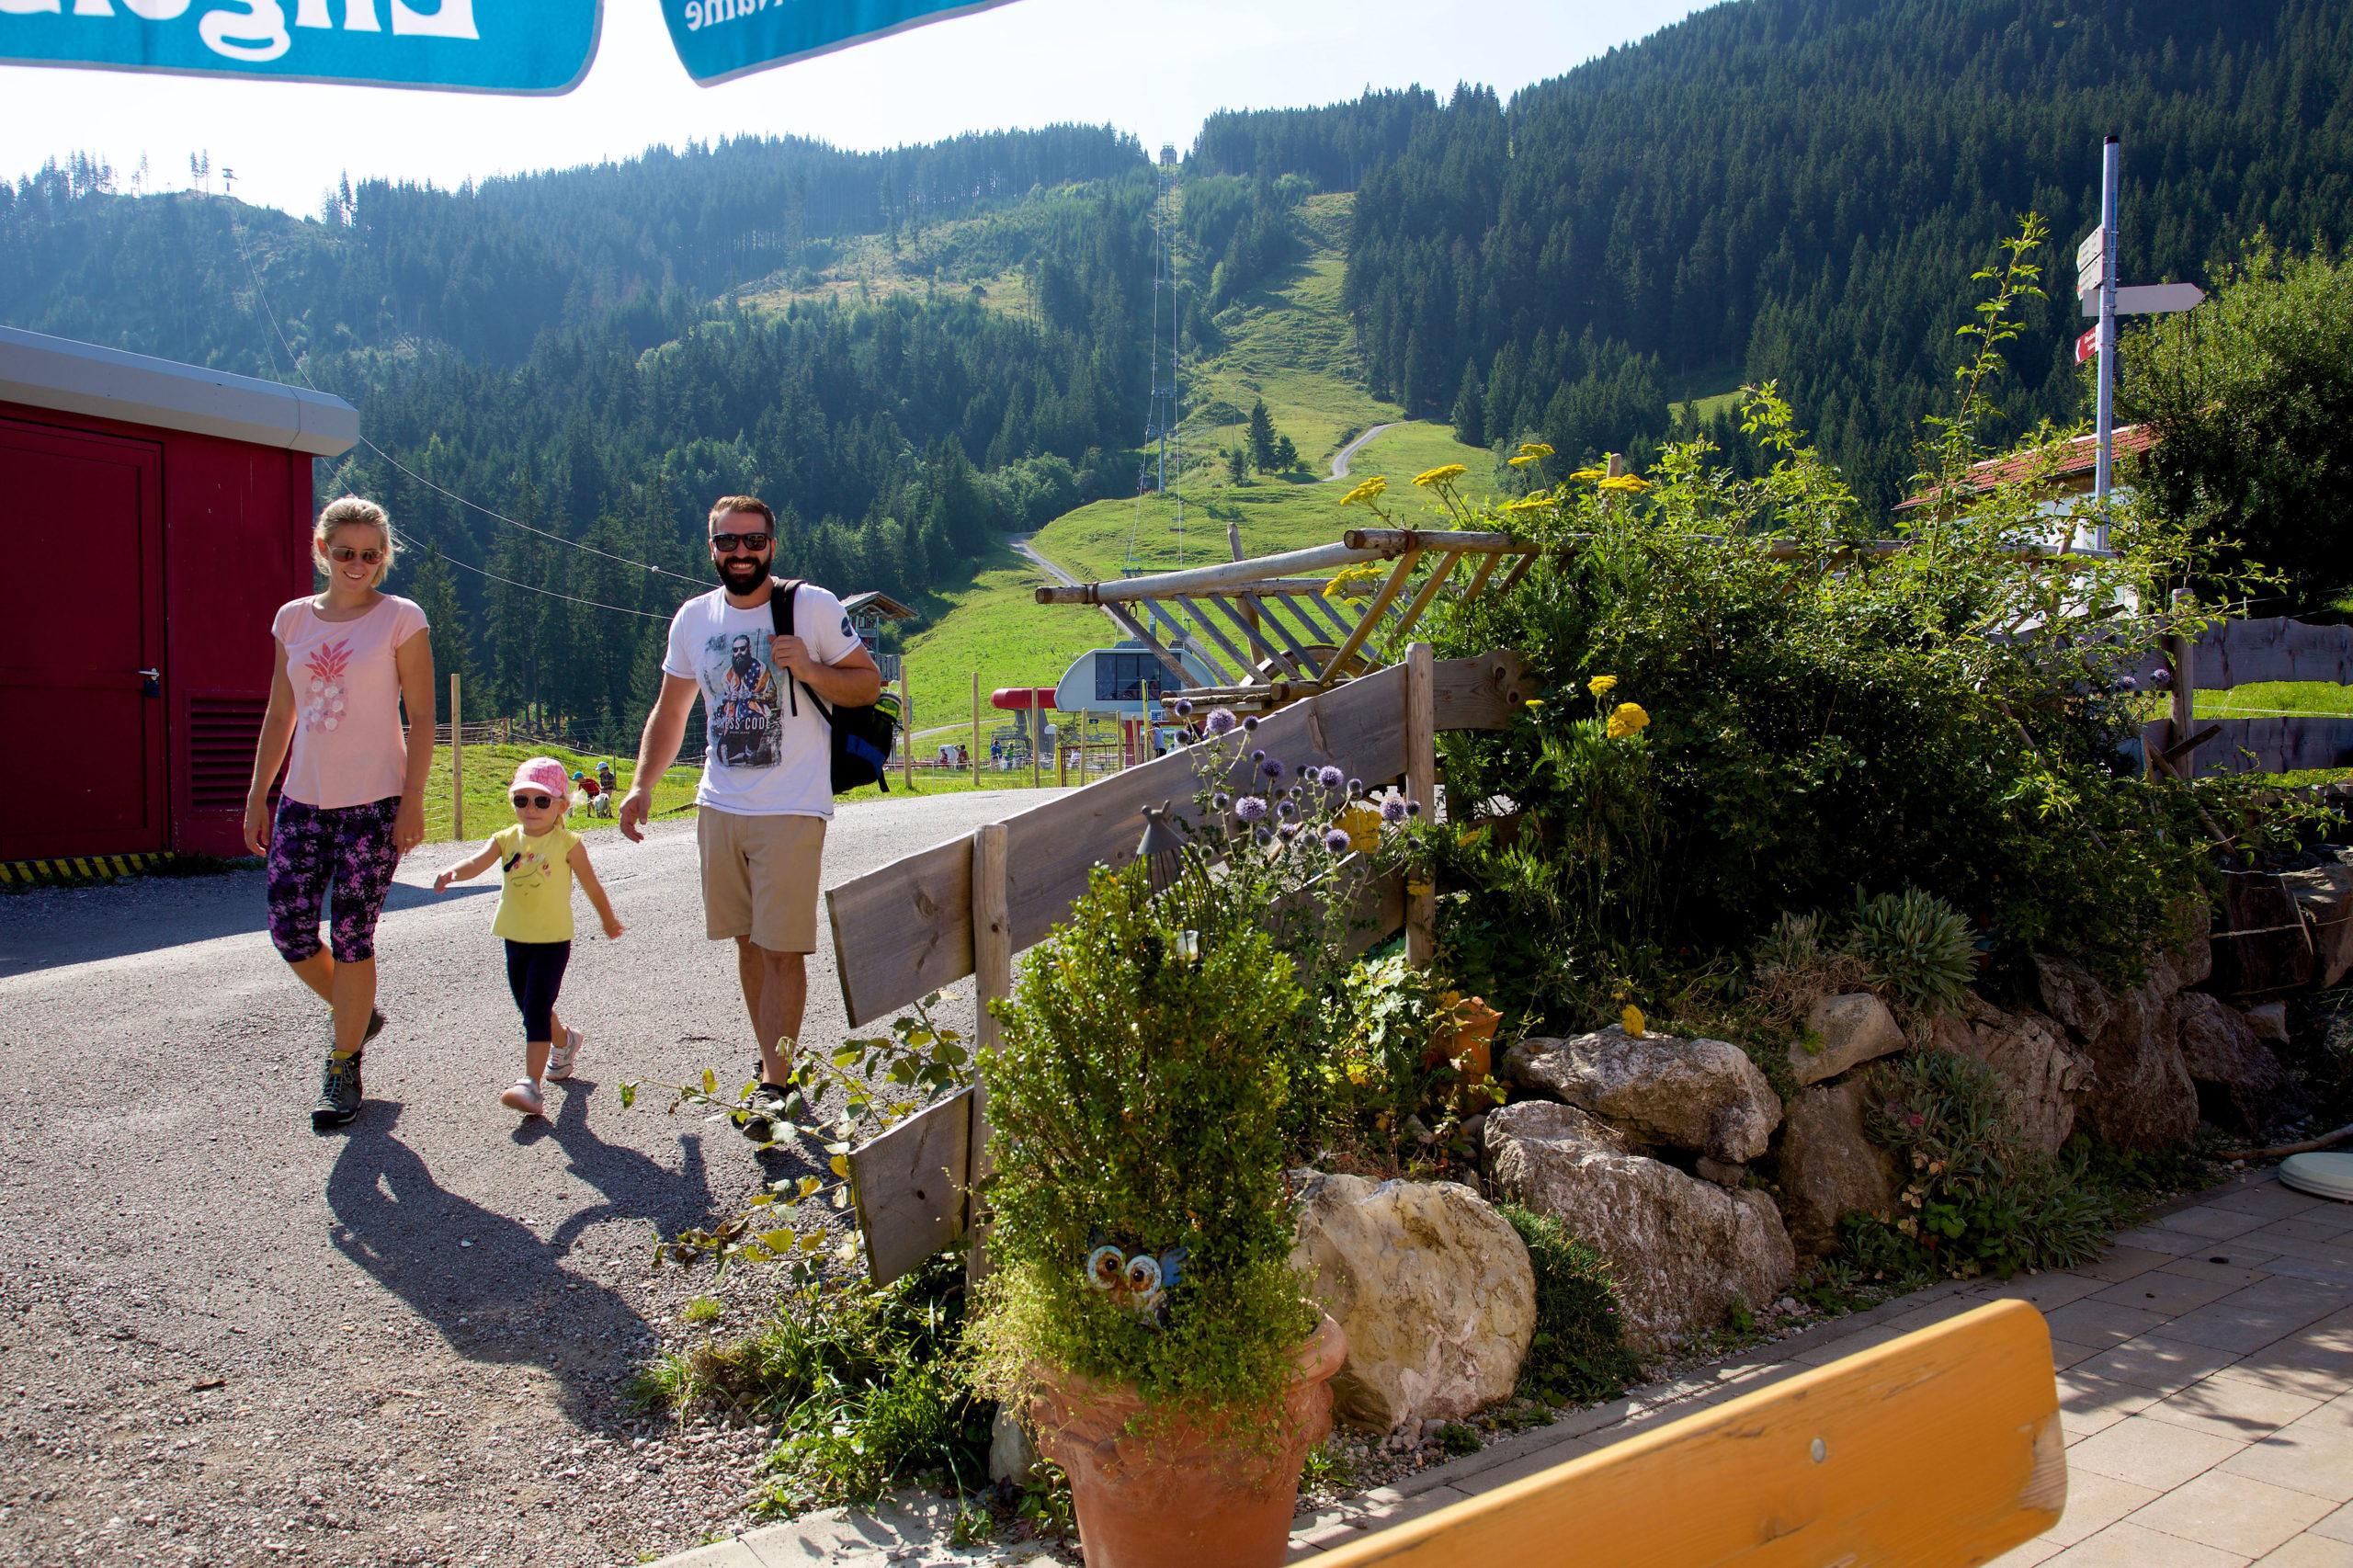 Bergwanderung beim Familienurlaub im Allgäu